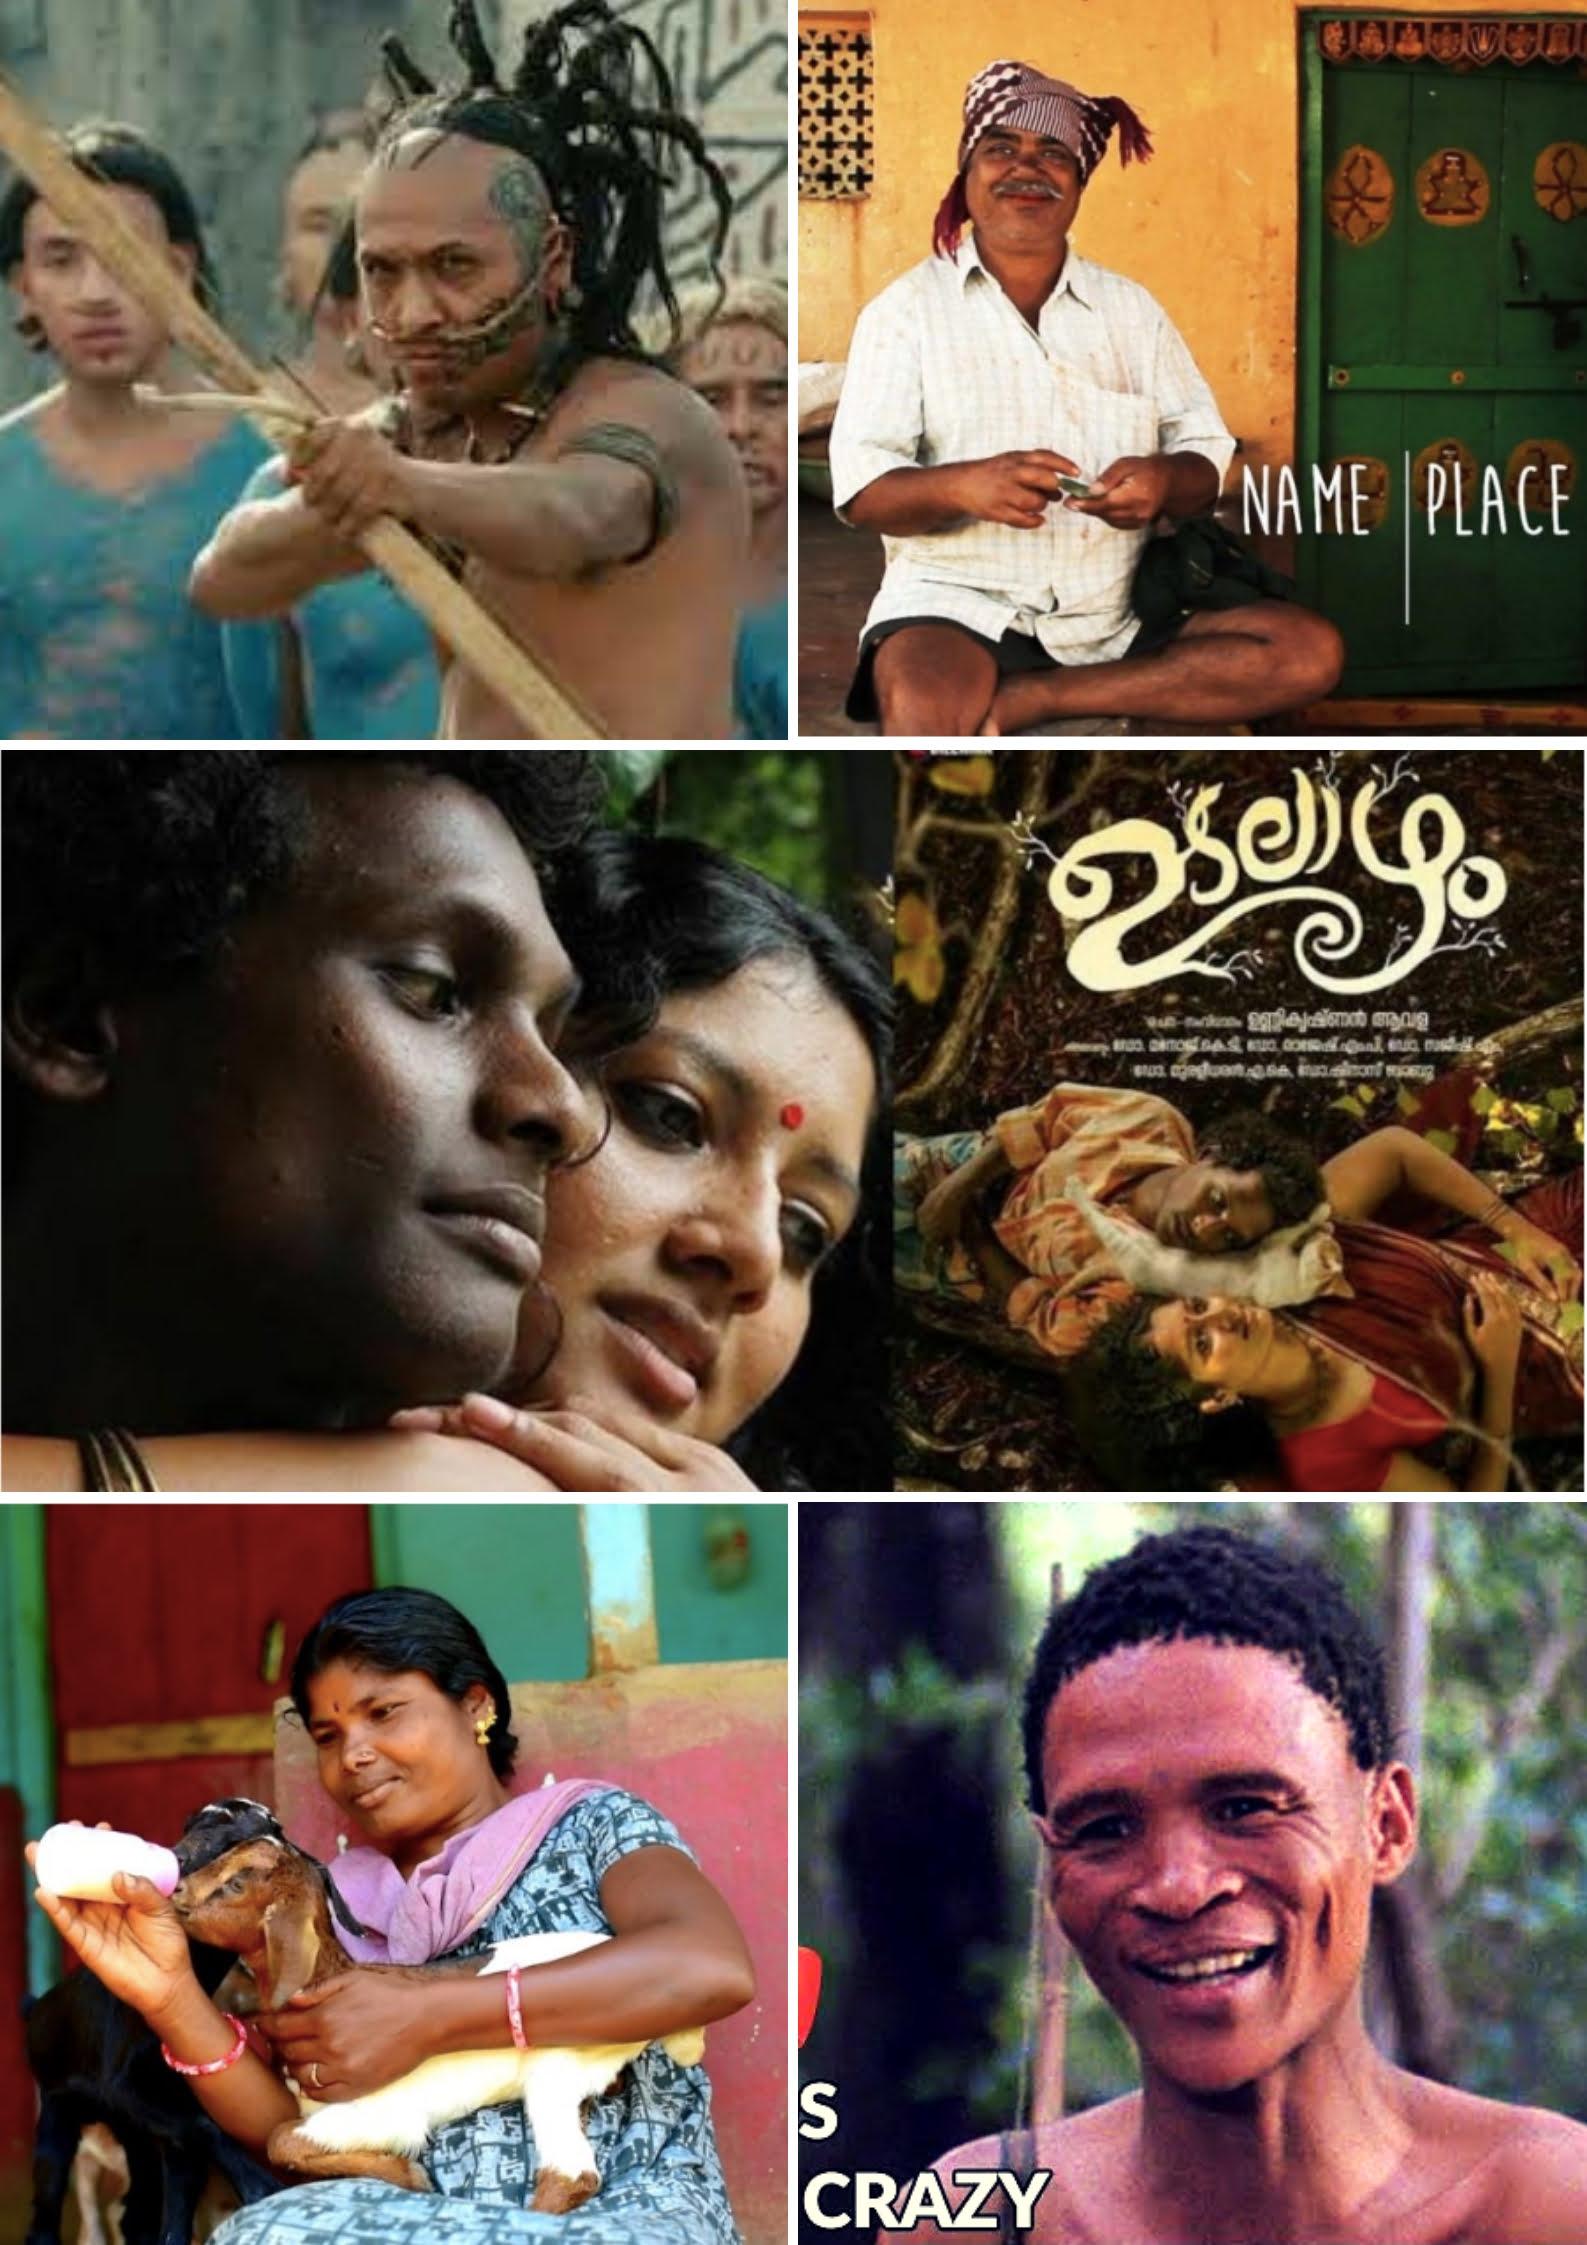 आदिवासियों की ज़िंदगी के संघर्षों और ख़ूबसूरती को बयां करती हैं ये फ़िल्में